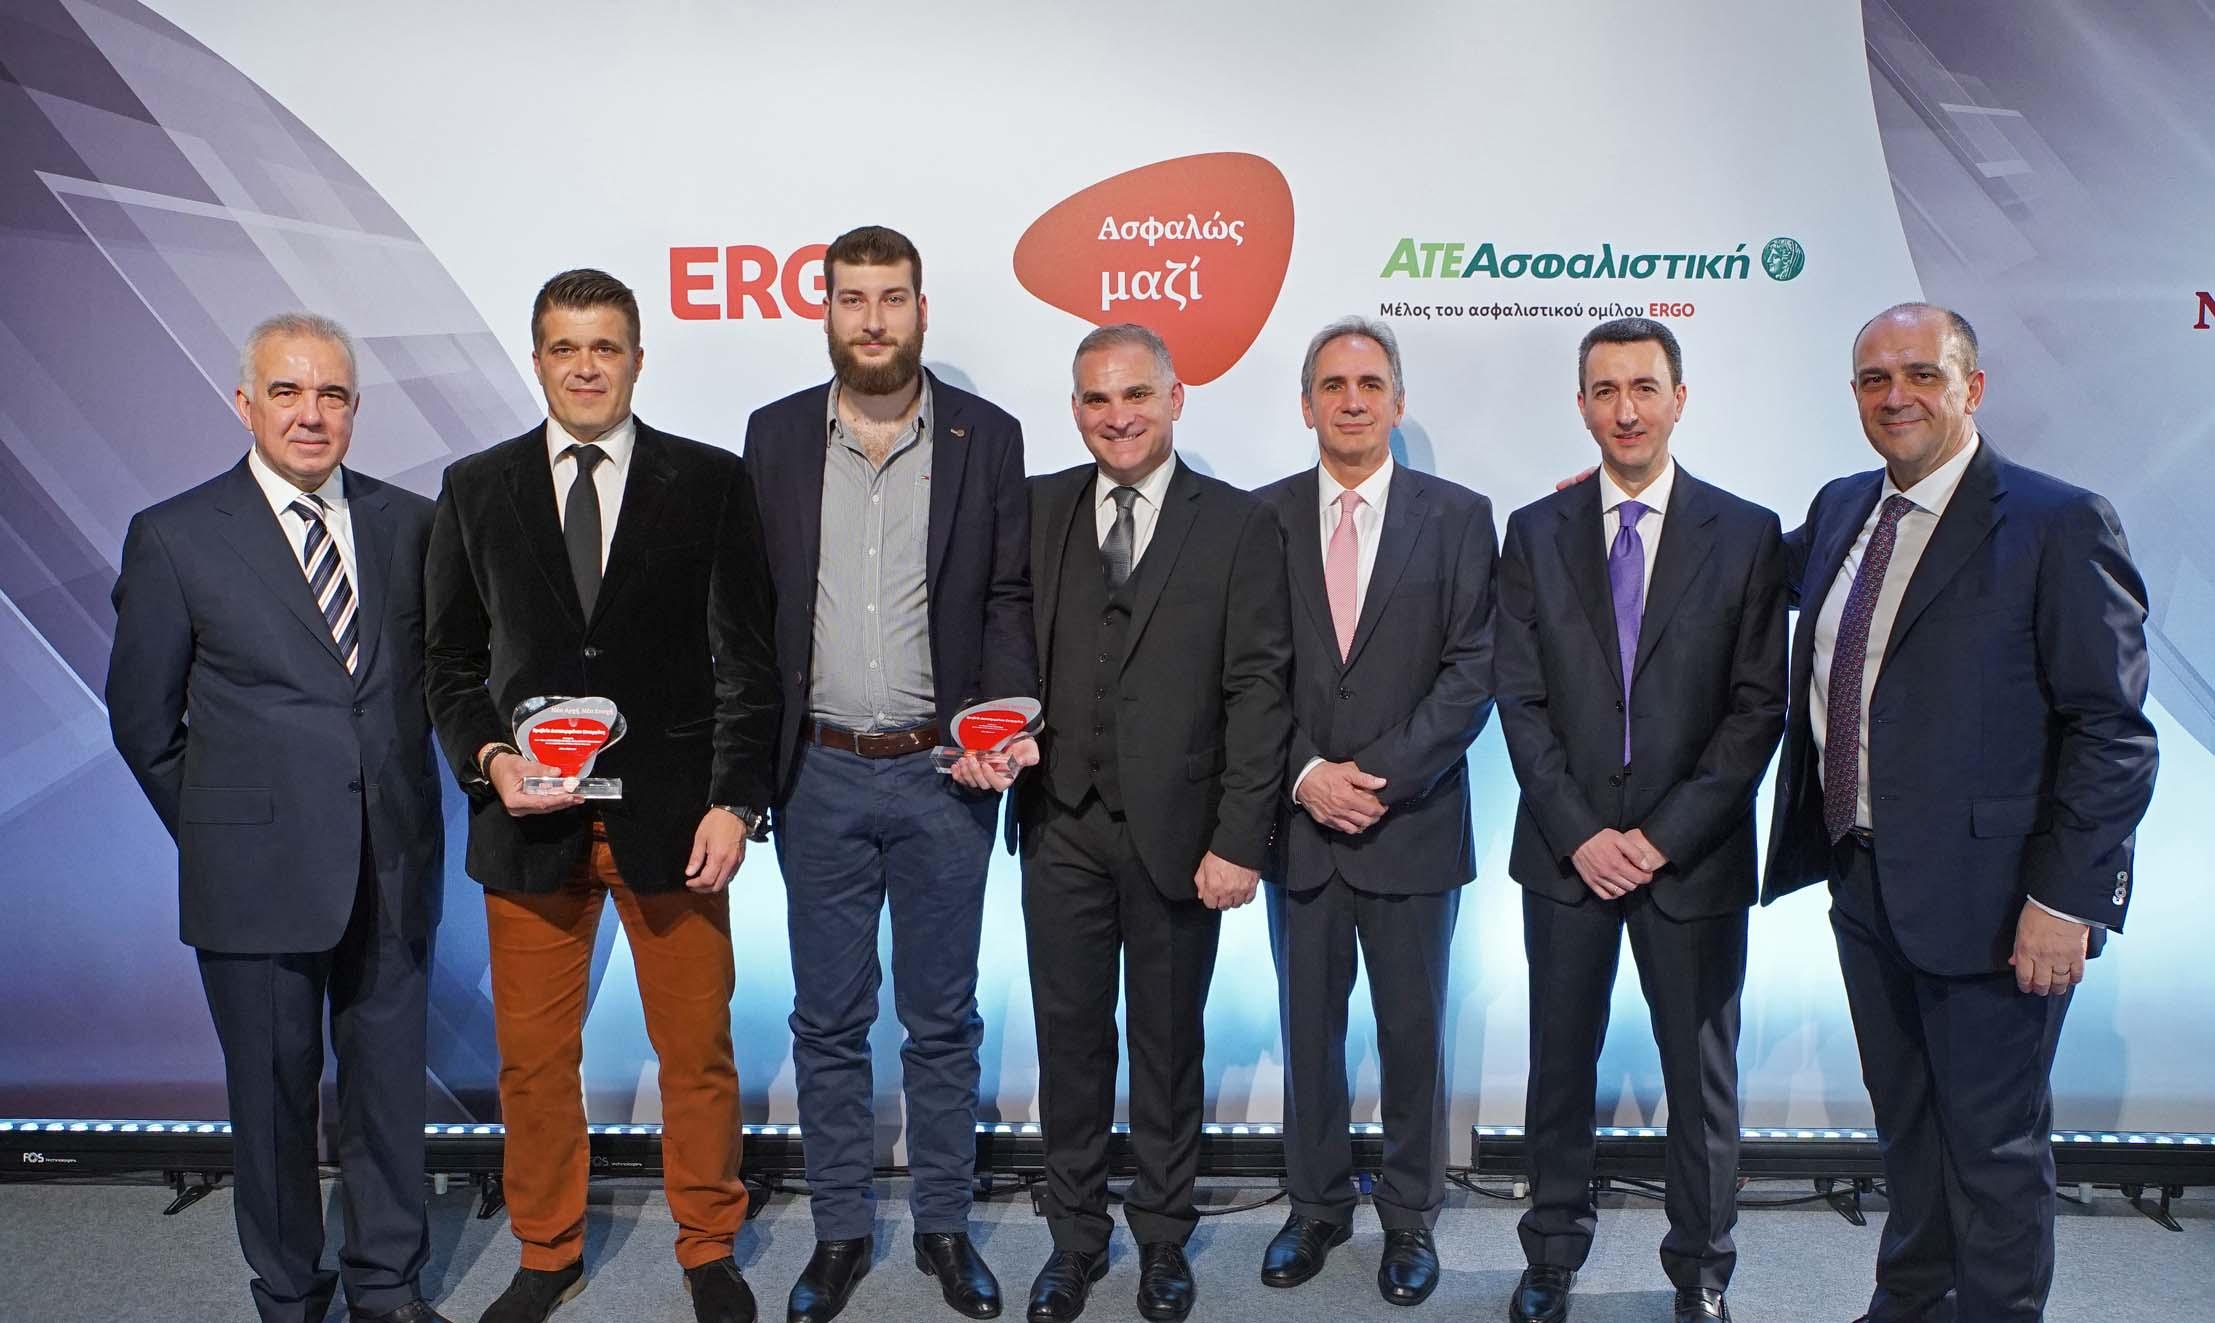 Ομαδική φωτογραφία Βραβείου Διακεκριμένου Συνεργάτη Δικτύου Ανεξάρτητων Συνεργατών ERGO